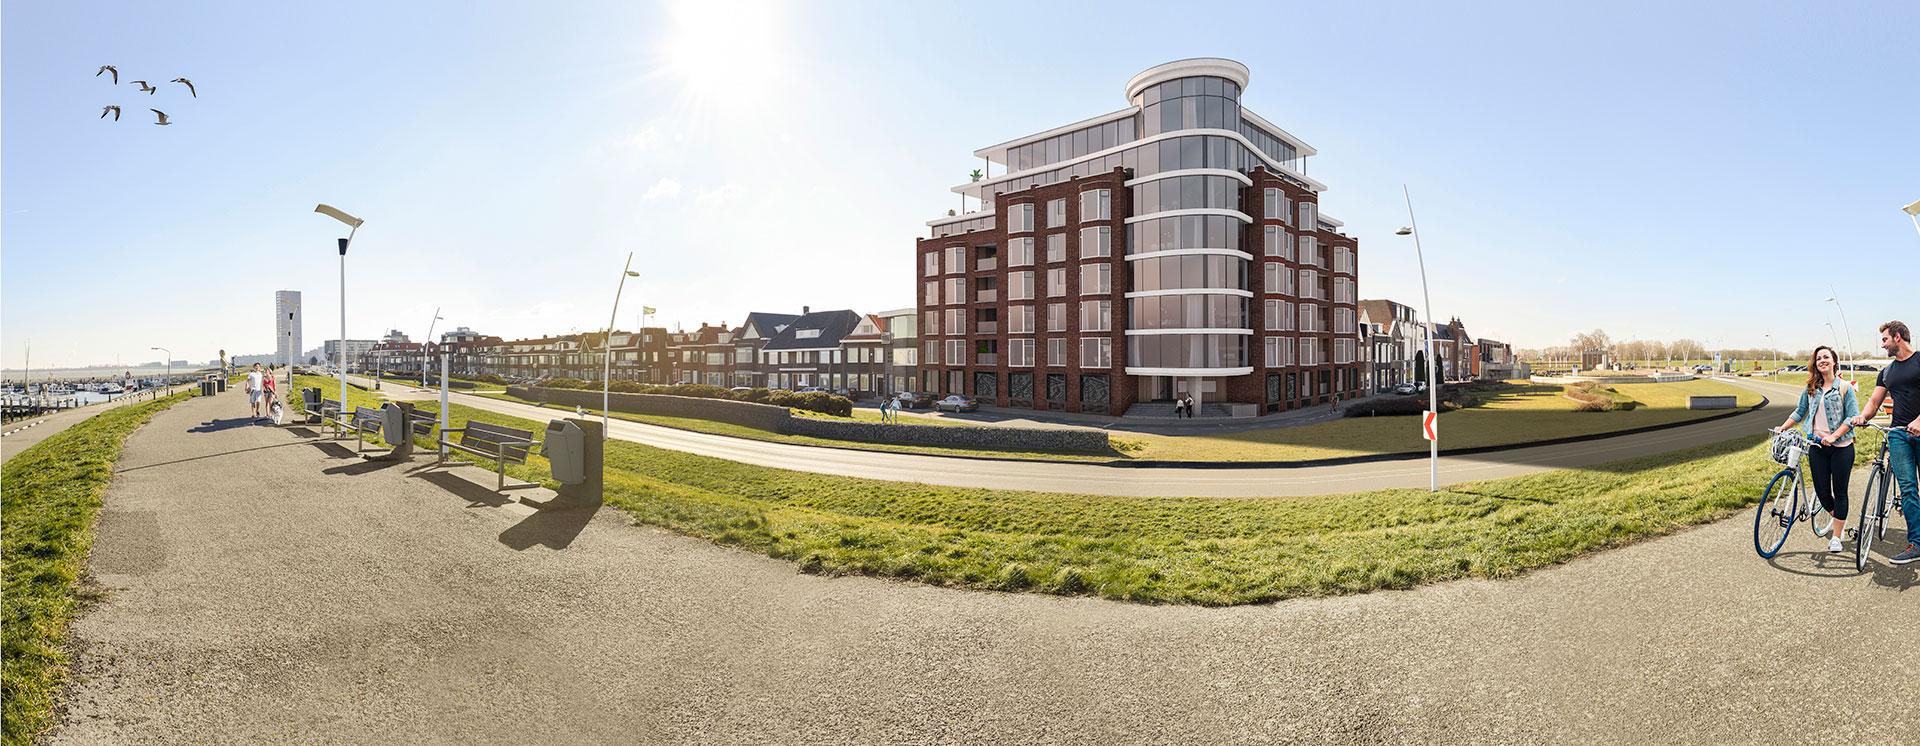 Residentie Veerhaven Terneuzen